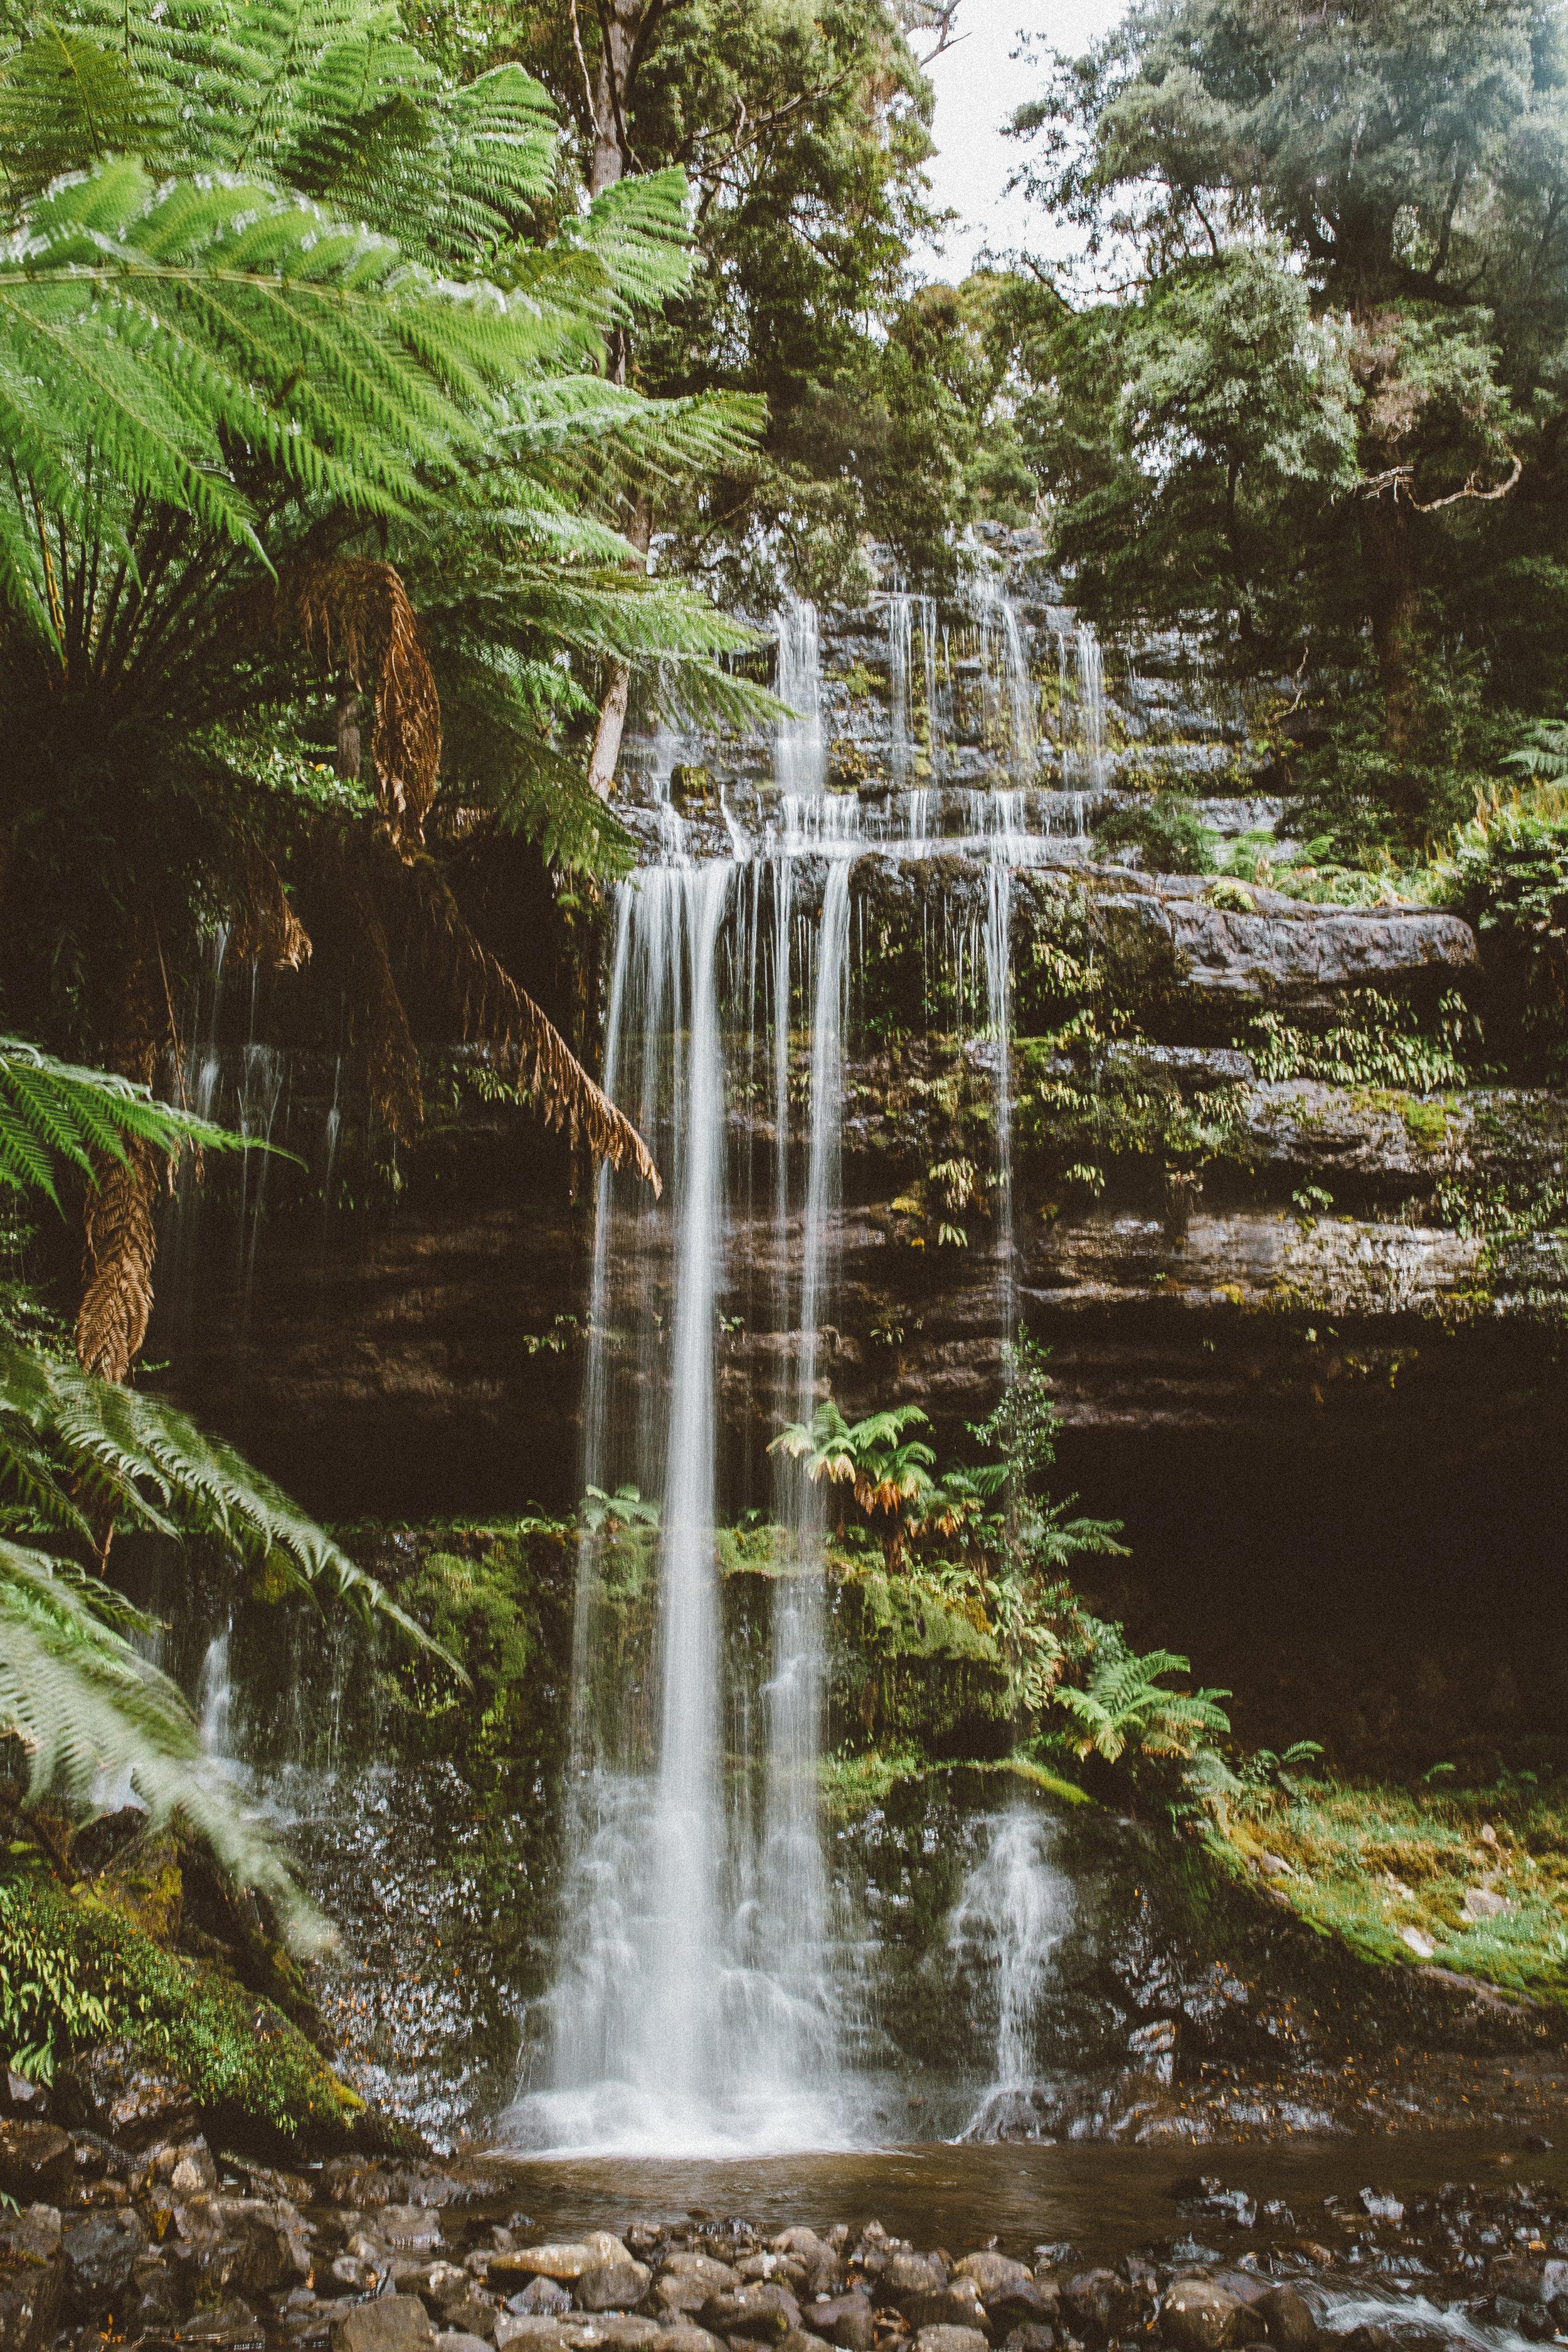 russell-falls-tasmania-mount-field-national-park.jpg